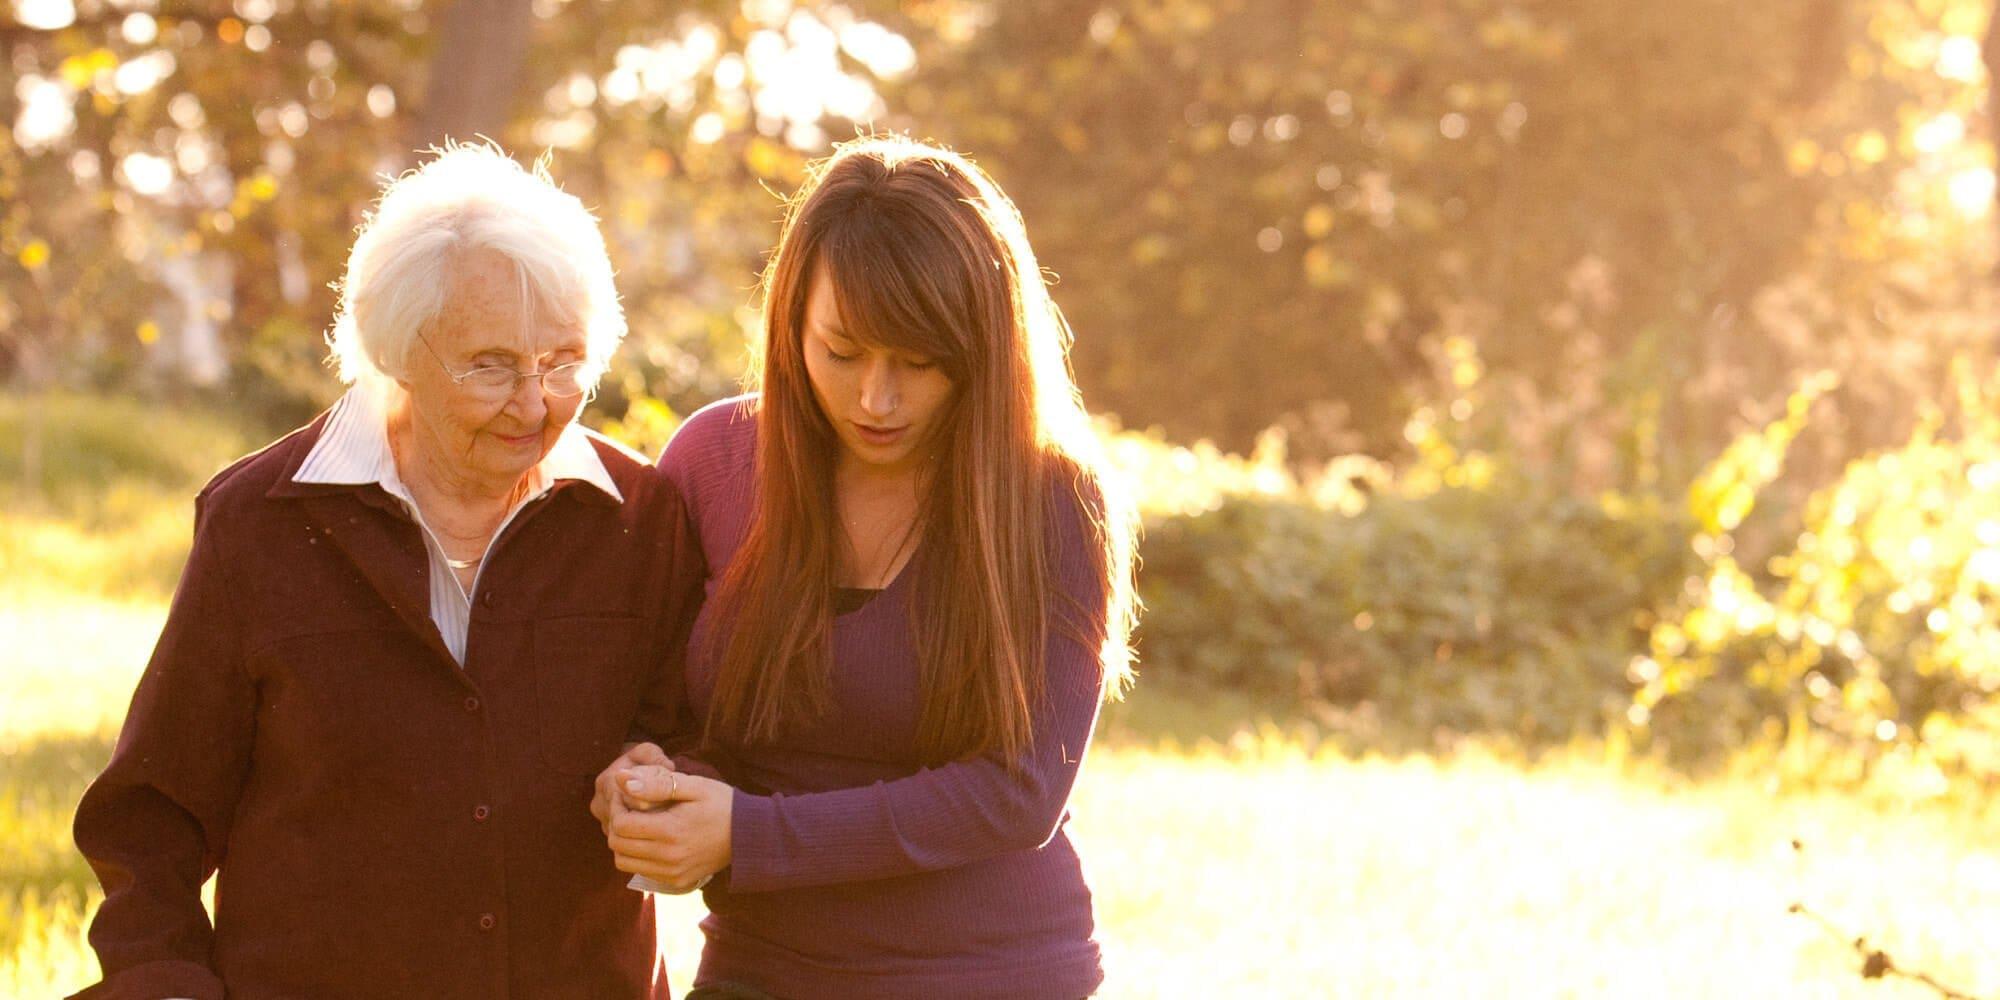 Помощь людям в трудной жизненной ситуации